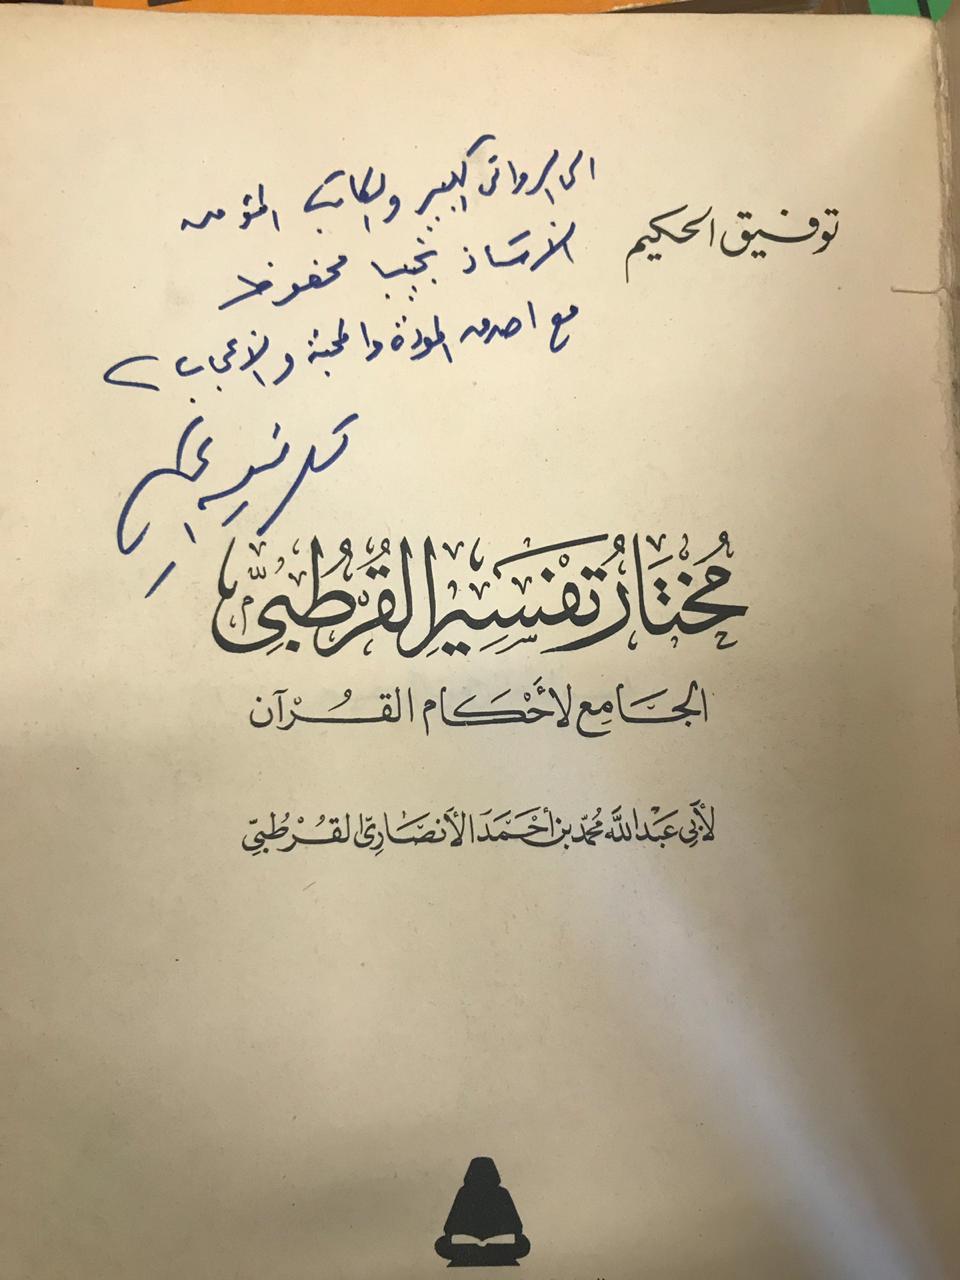 توفيق الحكيم يصفه بالكاتب المؤمن